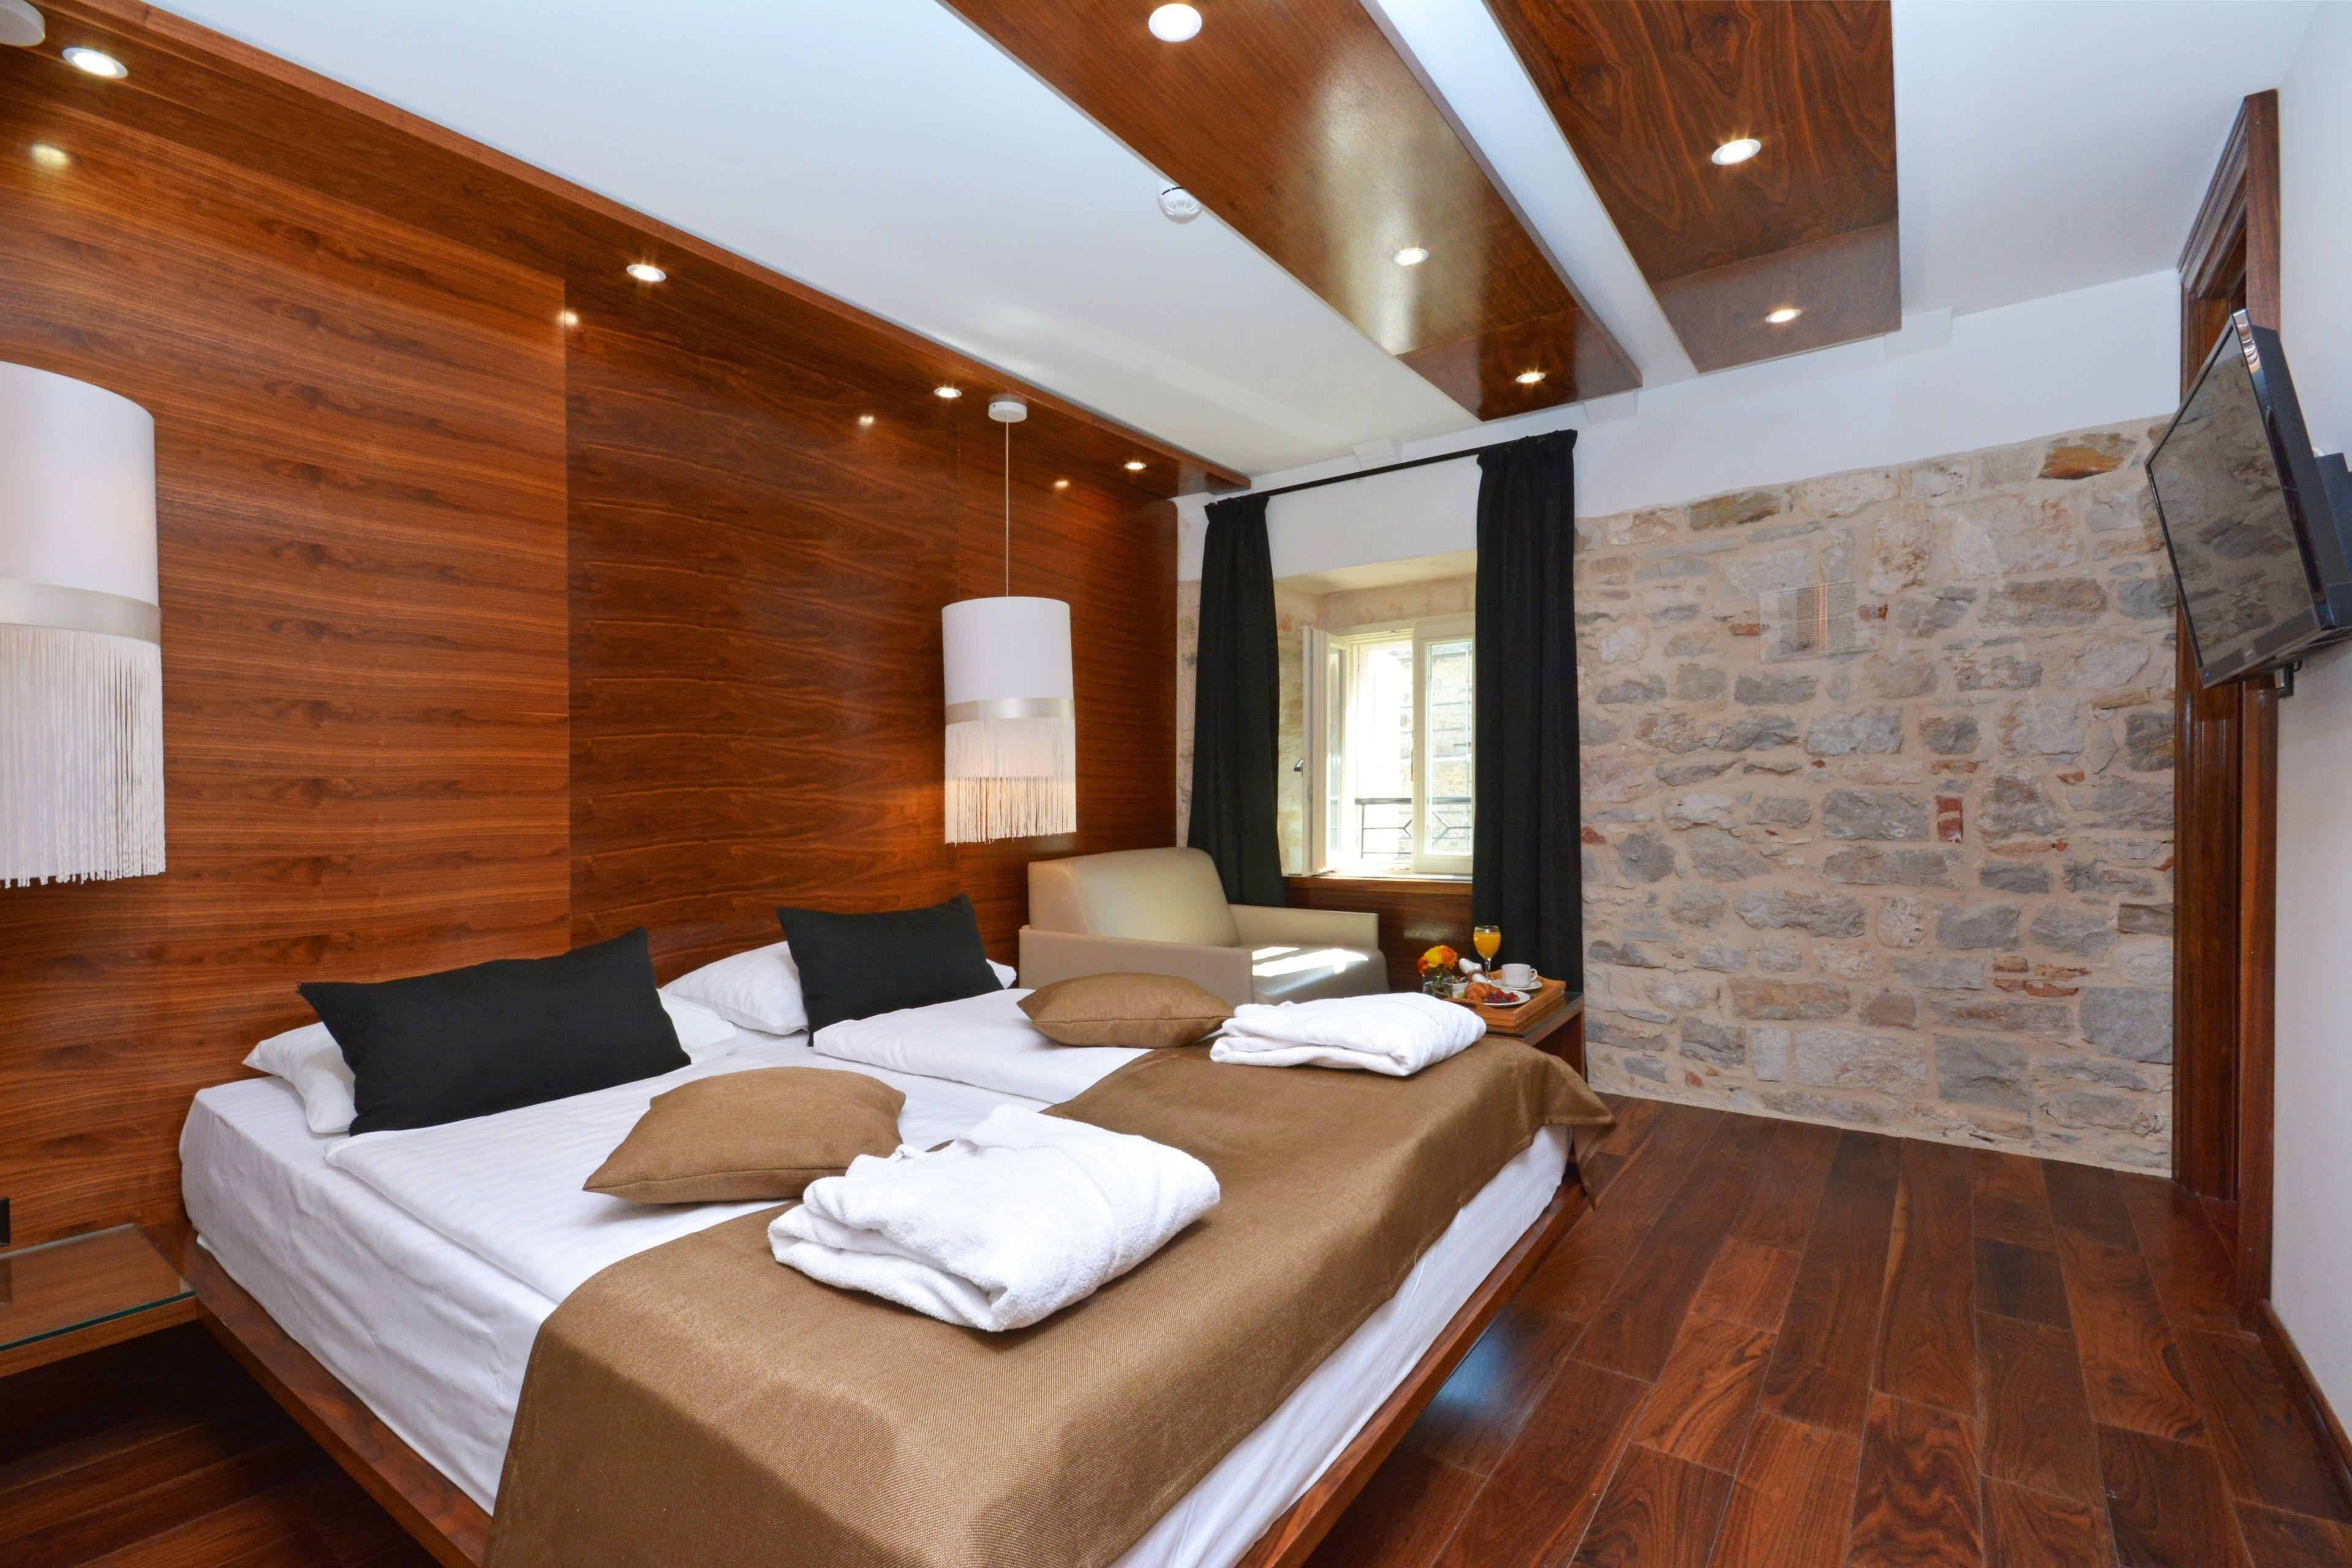 Courtesy of Heritage Jupiter Luxury Hotel / Expedia